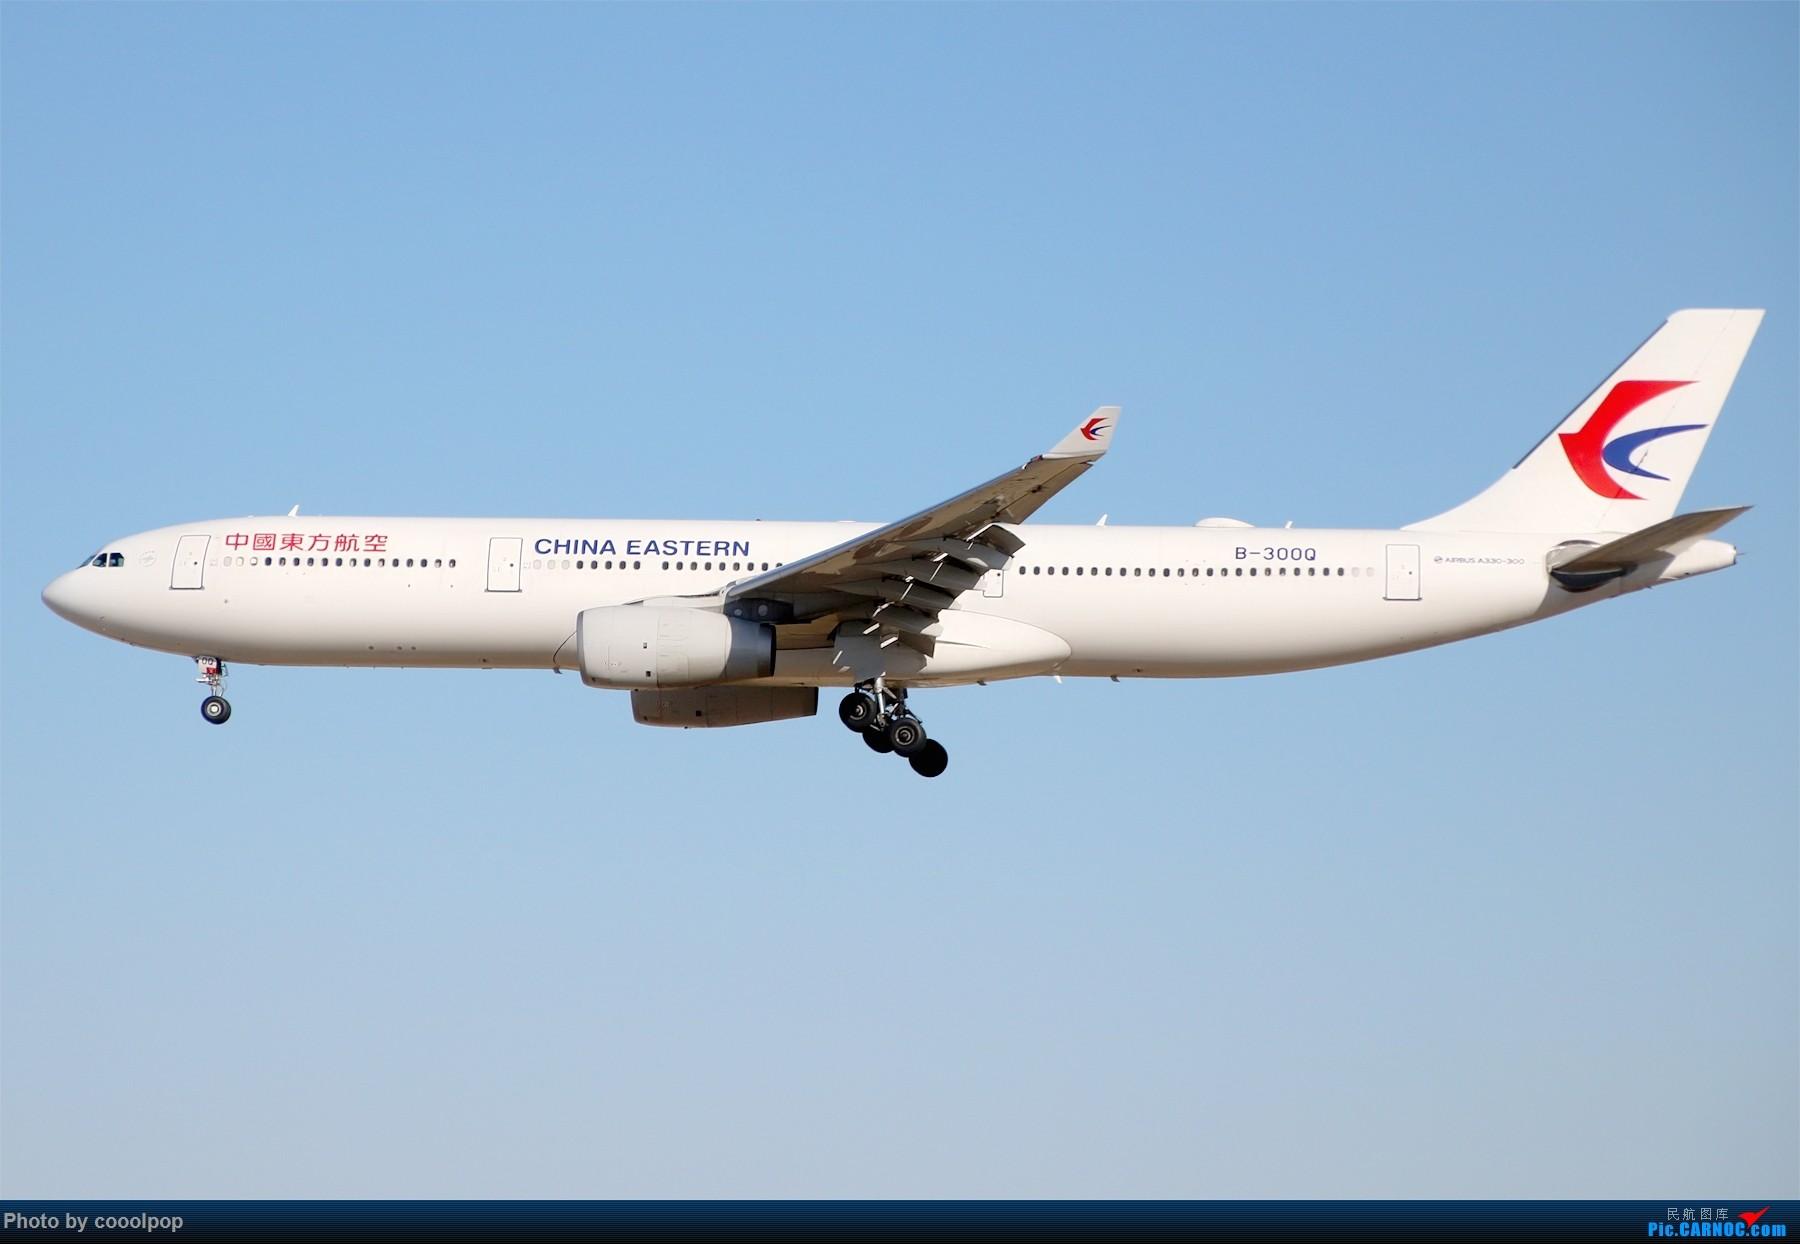 Re:[原创]PEK T3 桥上的一些大鸟!牌彩绘是要拼人品哒! AIRBUS A330-300 B-300Q 中国北京首都国际机场